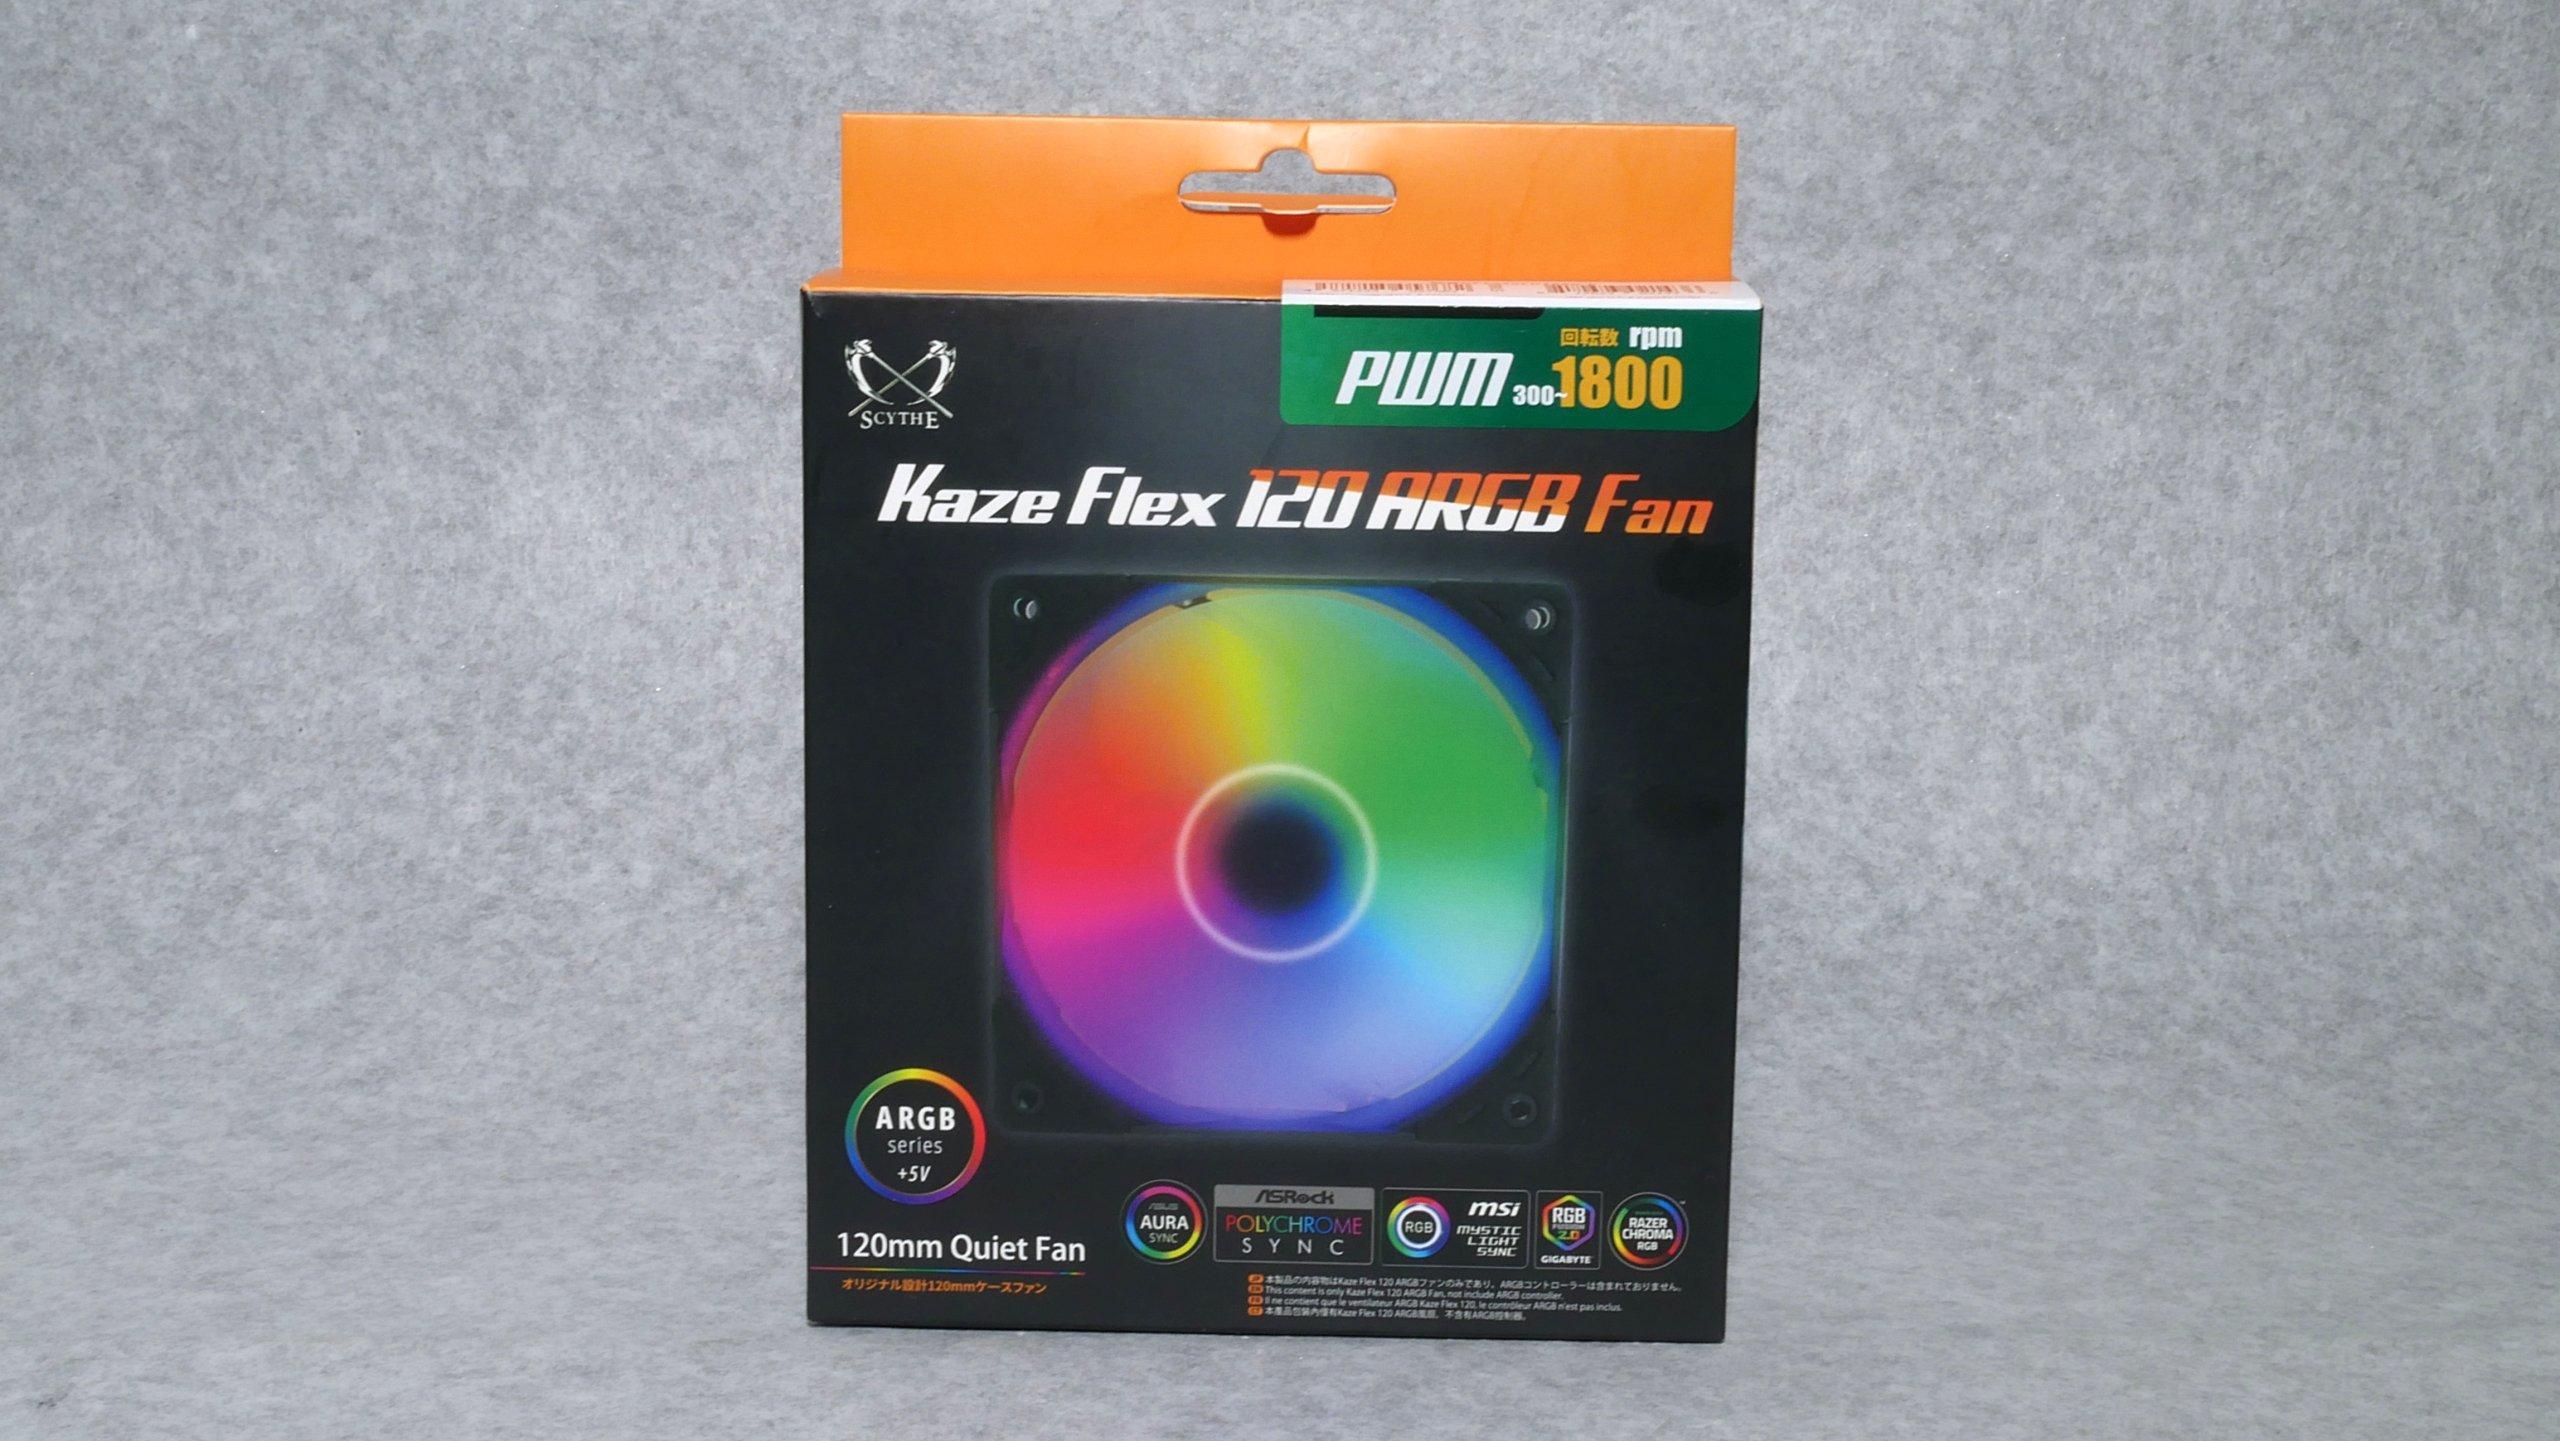 Es wird immer besser - Scythe Kaze Flex 120 ARGB Gehäuselüfter bis 1800 RPM, viel Druck, extremen Durst und erstaunlich wenig Krach